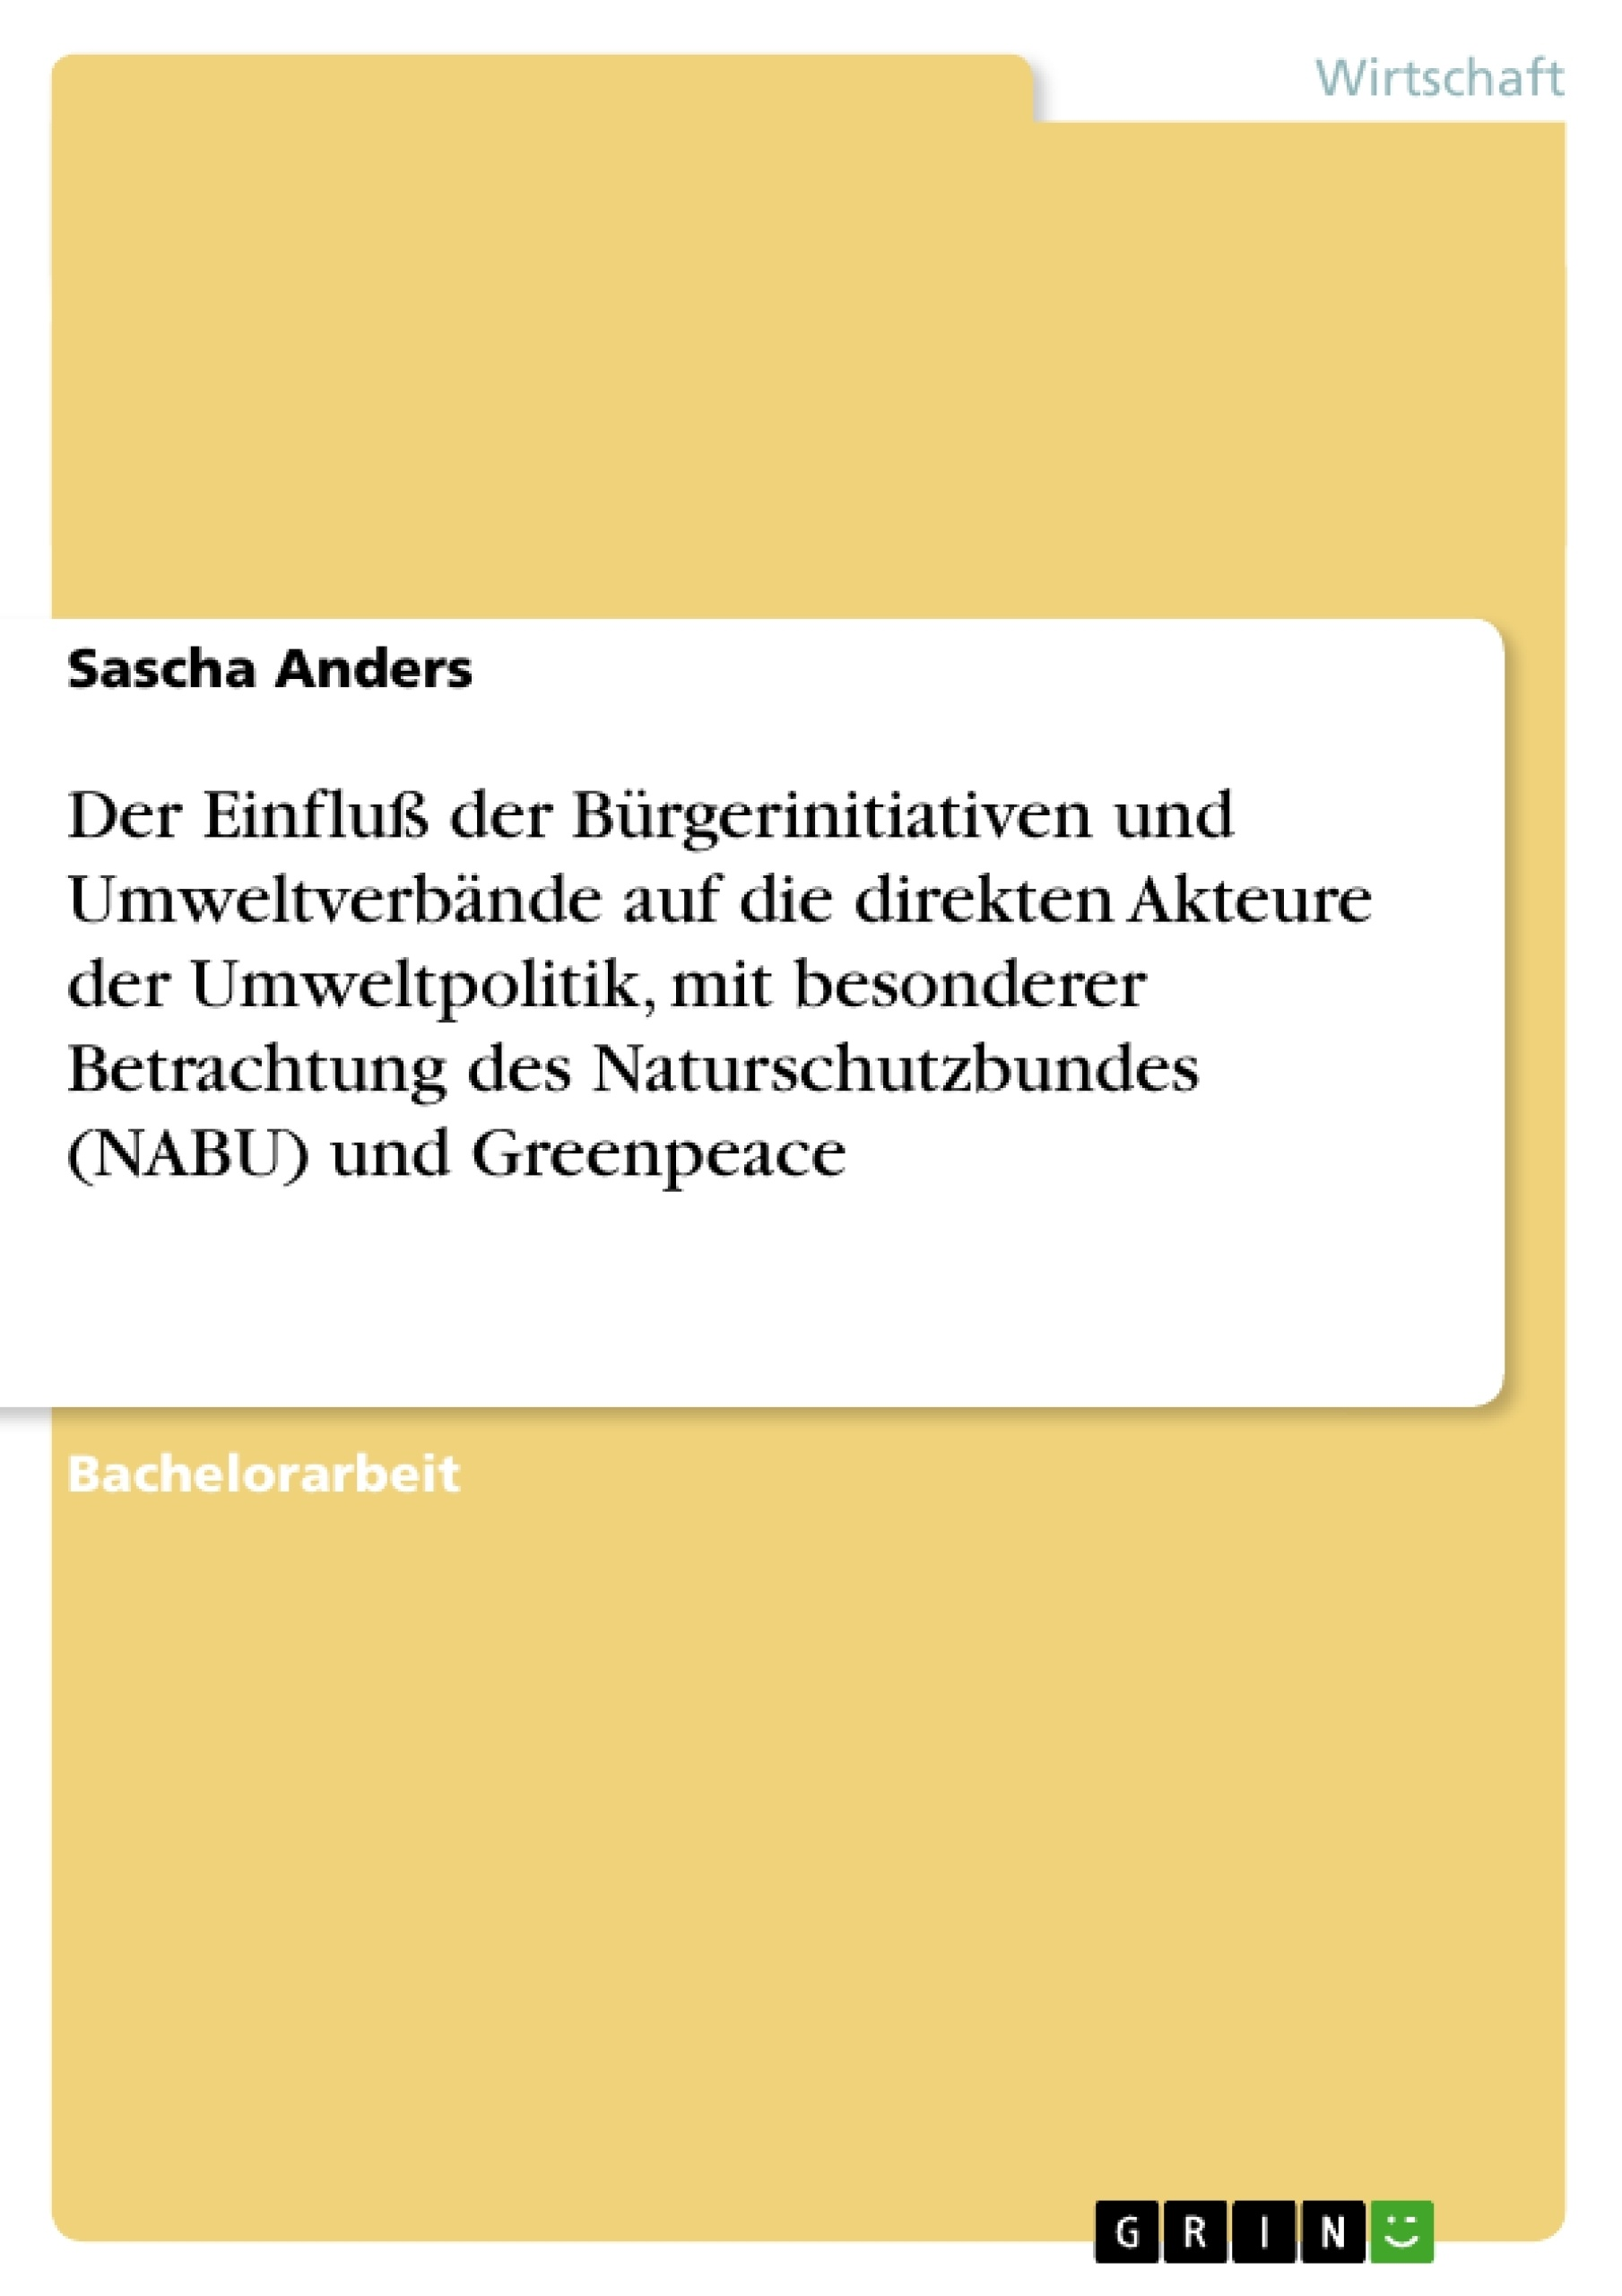 epub Beiträge zur Technischen Mechanik und Technischen Physik: August Föppl zum Siebzigsten Geburtstag